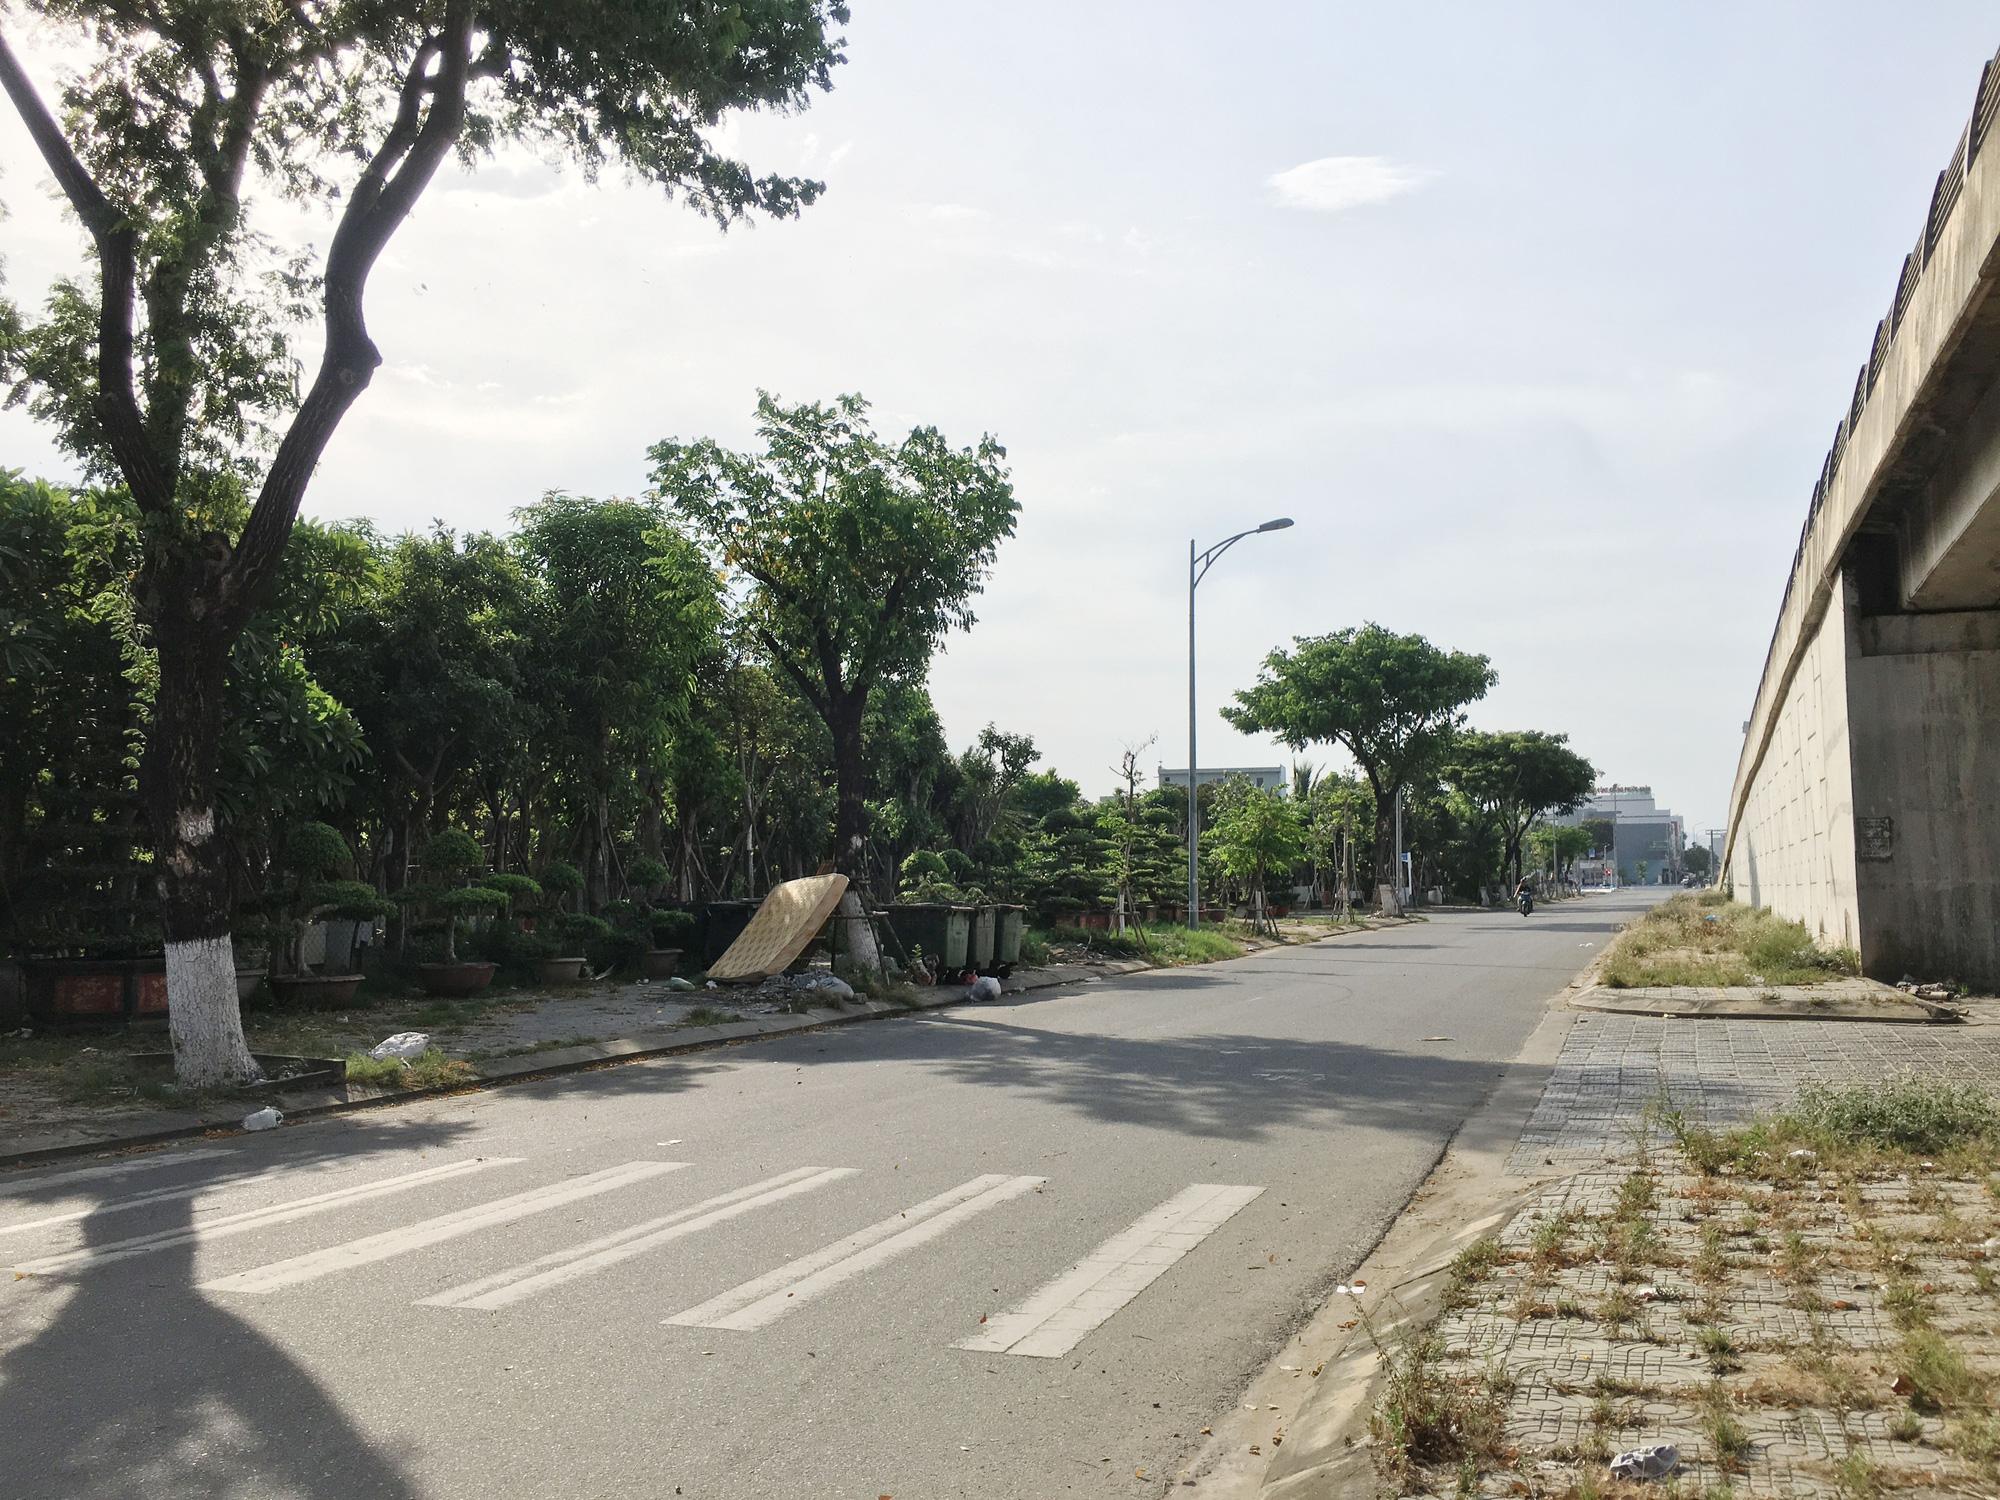 Cận cảnh hai khu đất ở quận Cẩm Lệ, Đà Nẵng sẽ đấu giá làm bãi đỗ xe - Ảnh 5.